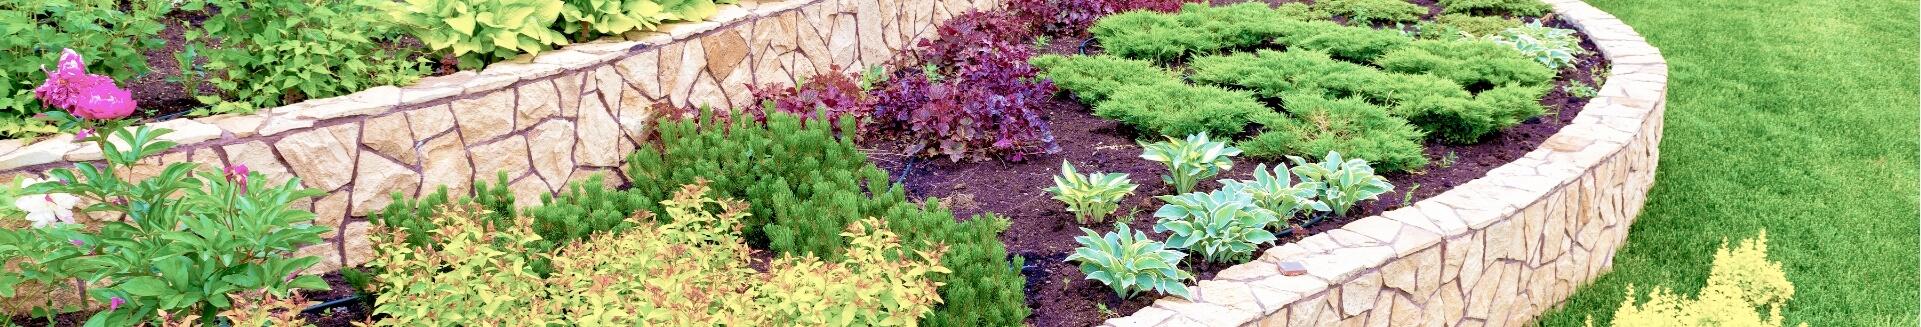 花壇の赤土の植物色々